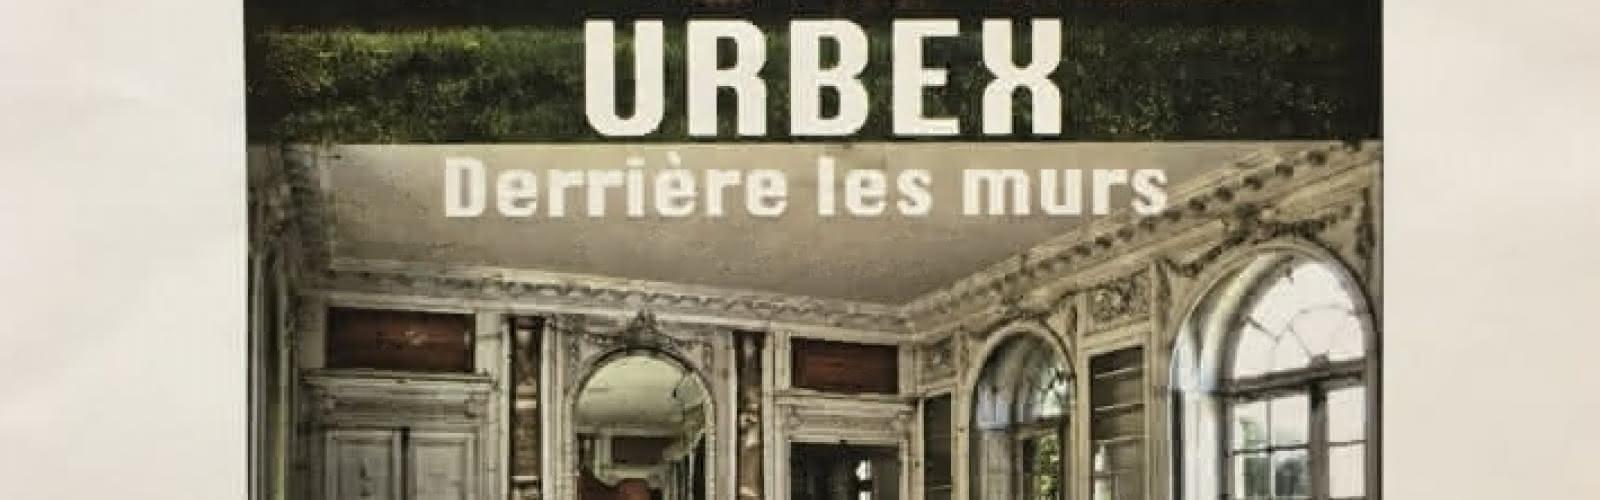 Photo affiche exposition URBEX derrière les murs